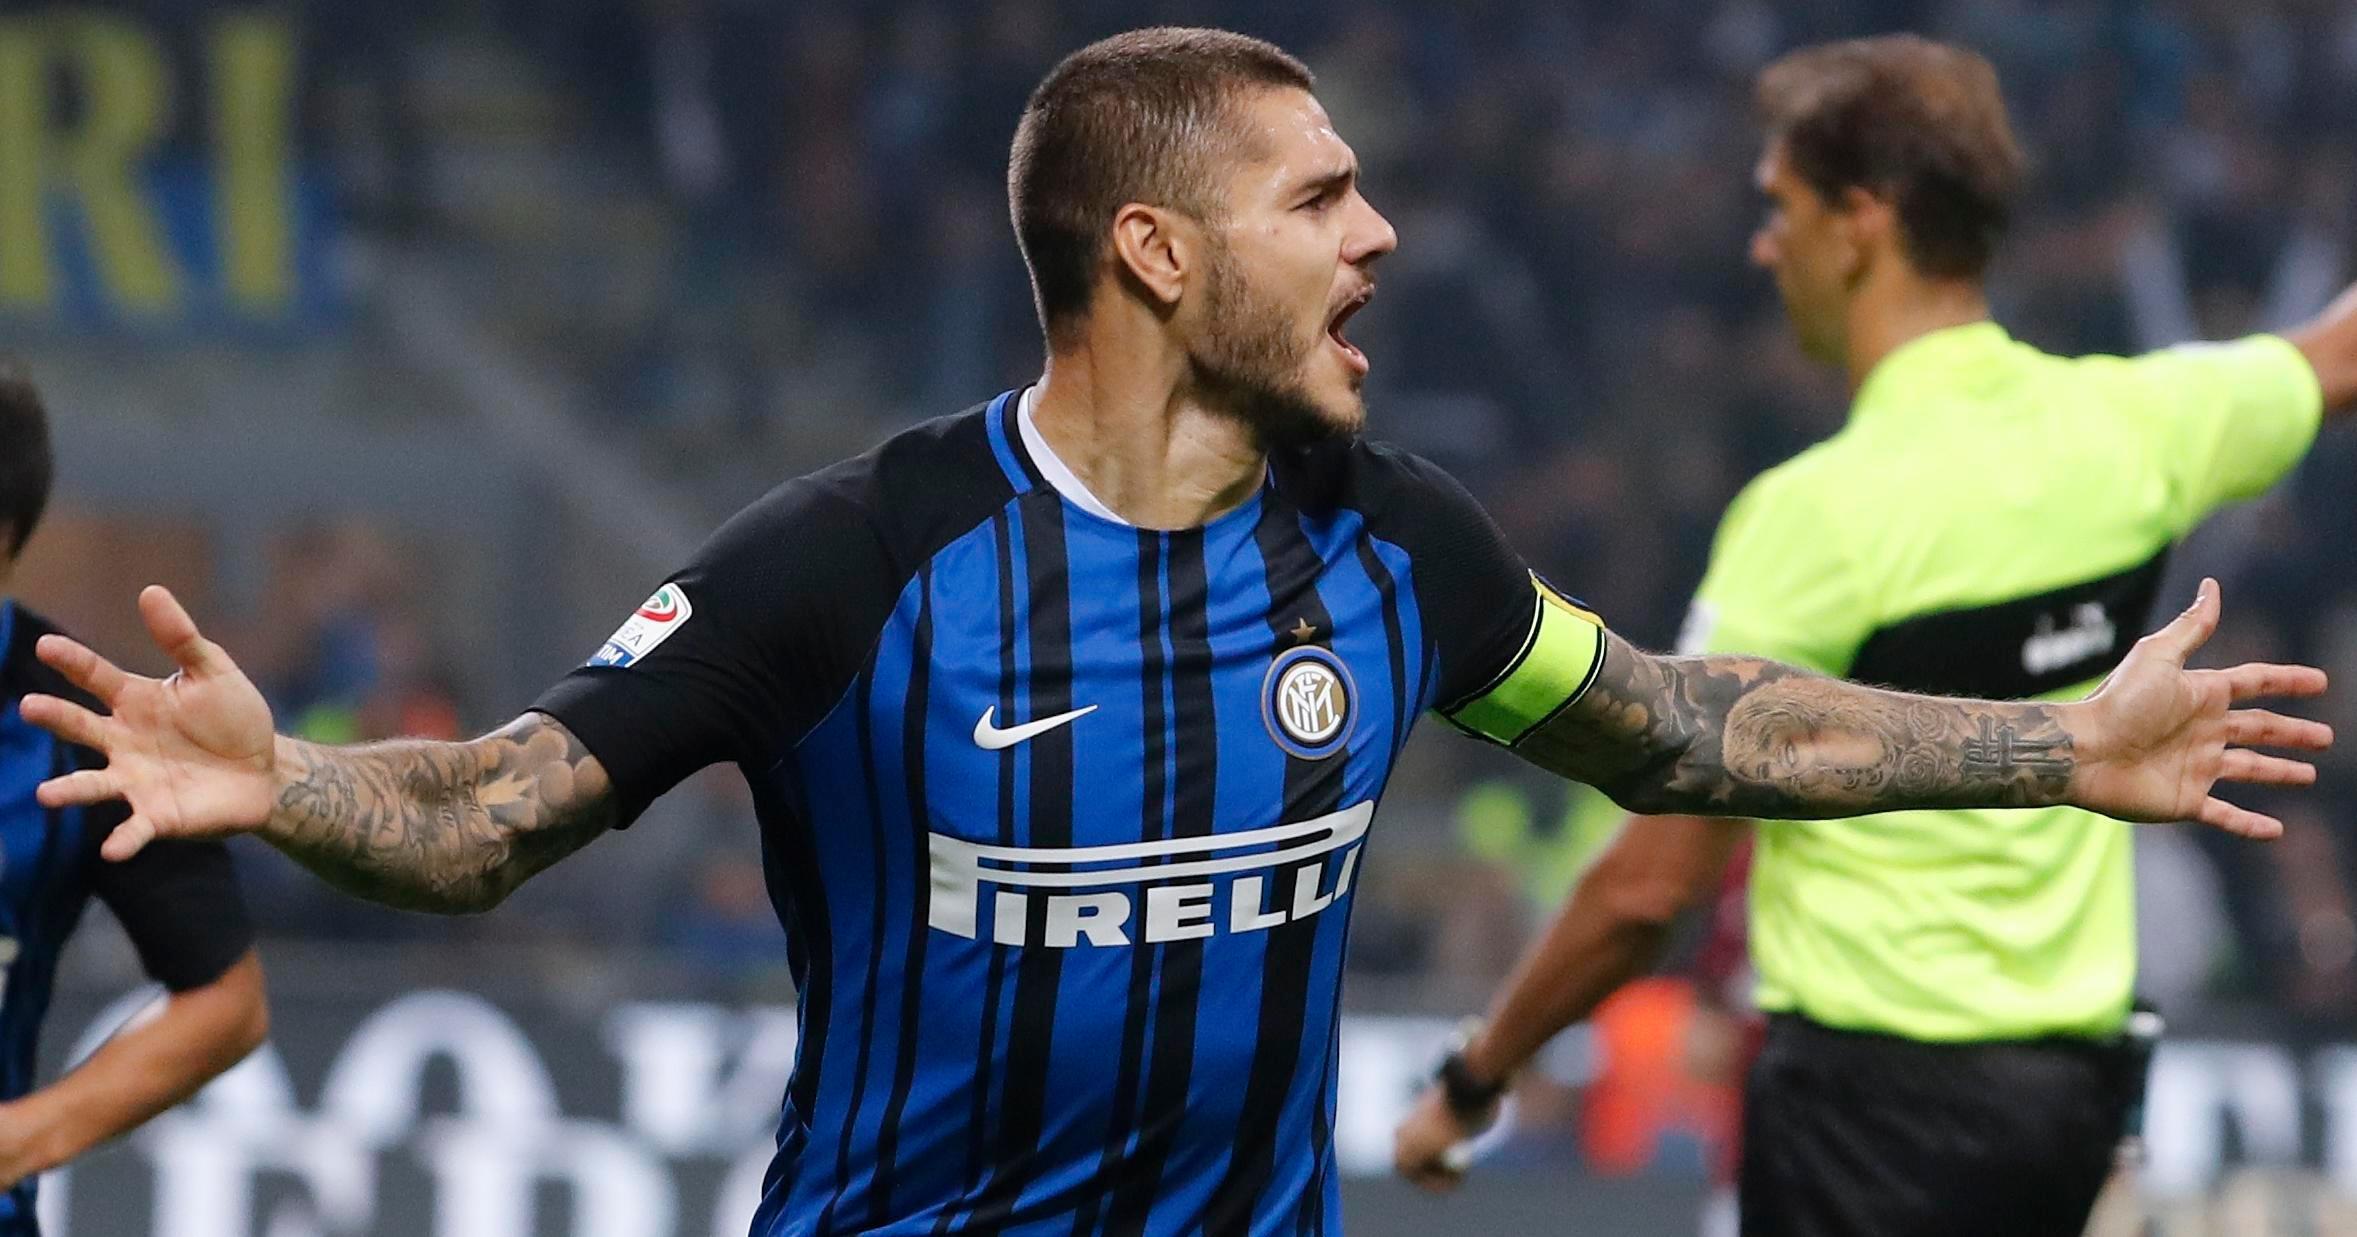 Mauro Icardi scored a hat-trick as Inter Milan beat AC 3-2